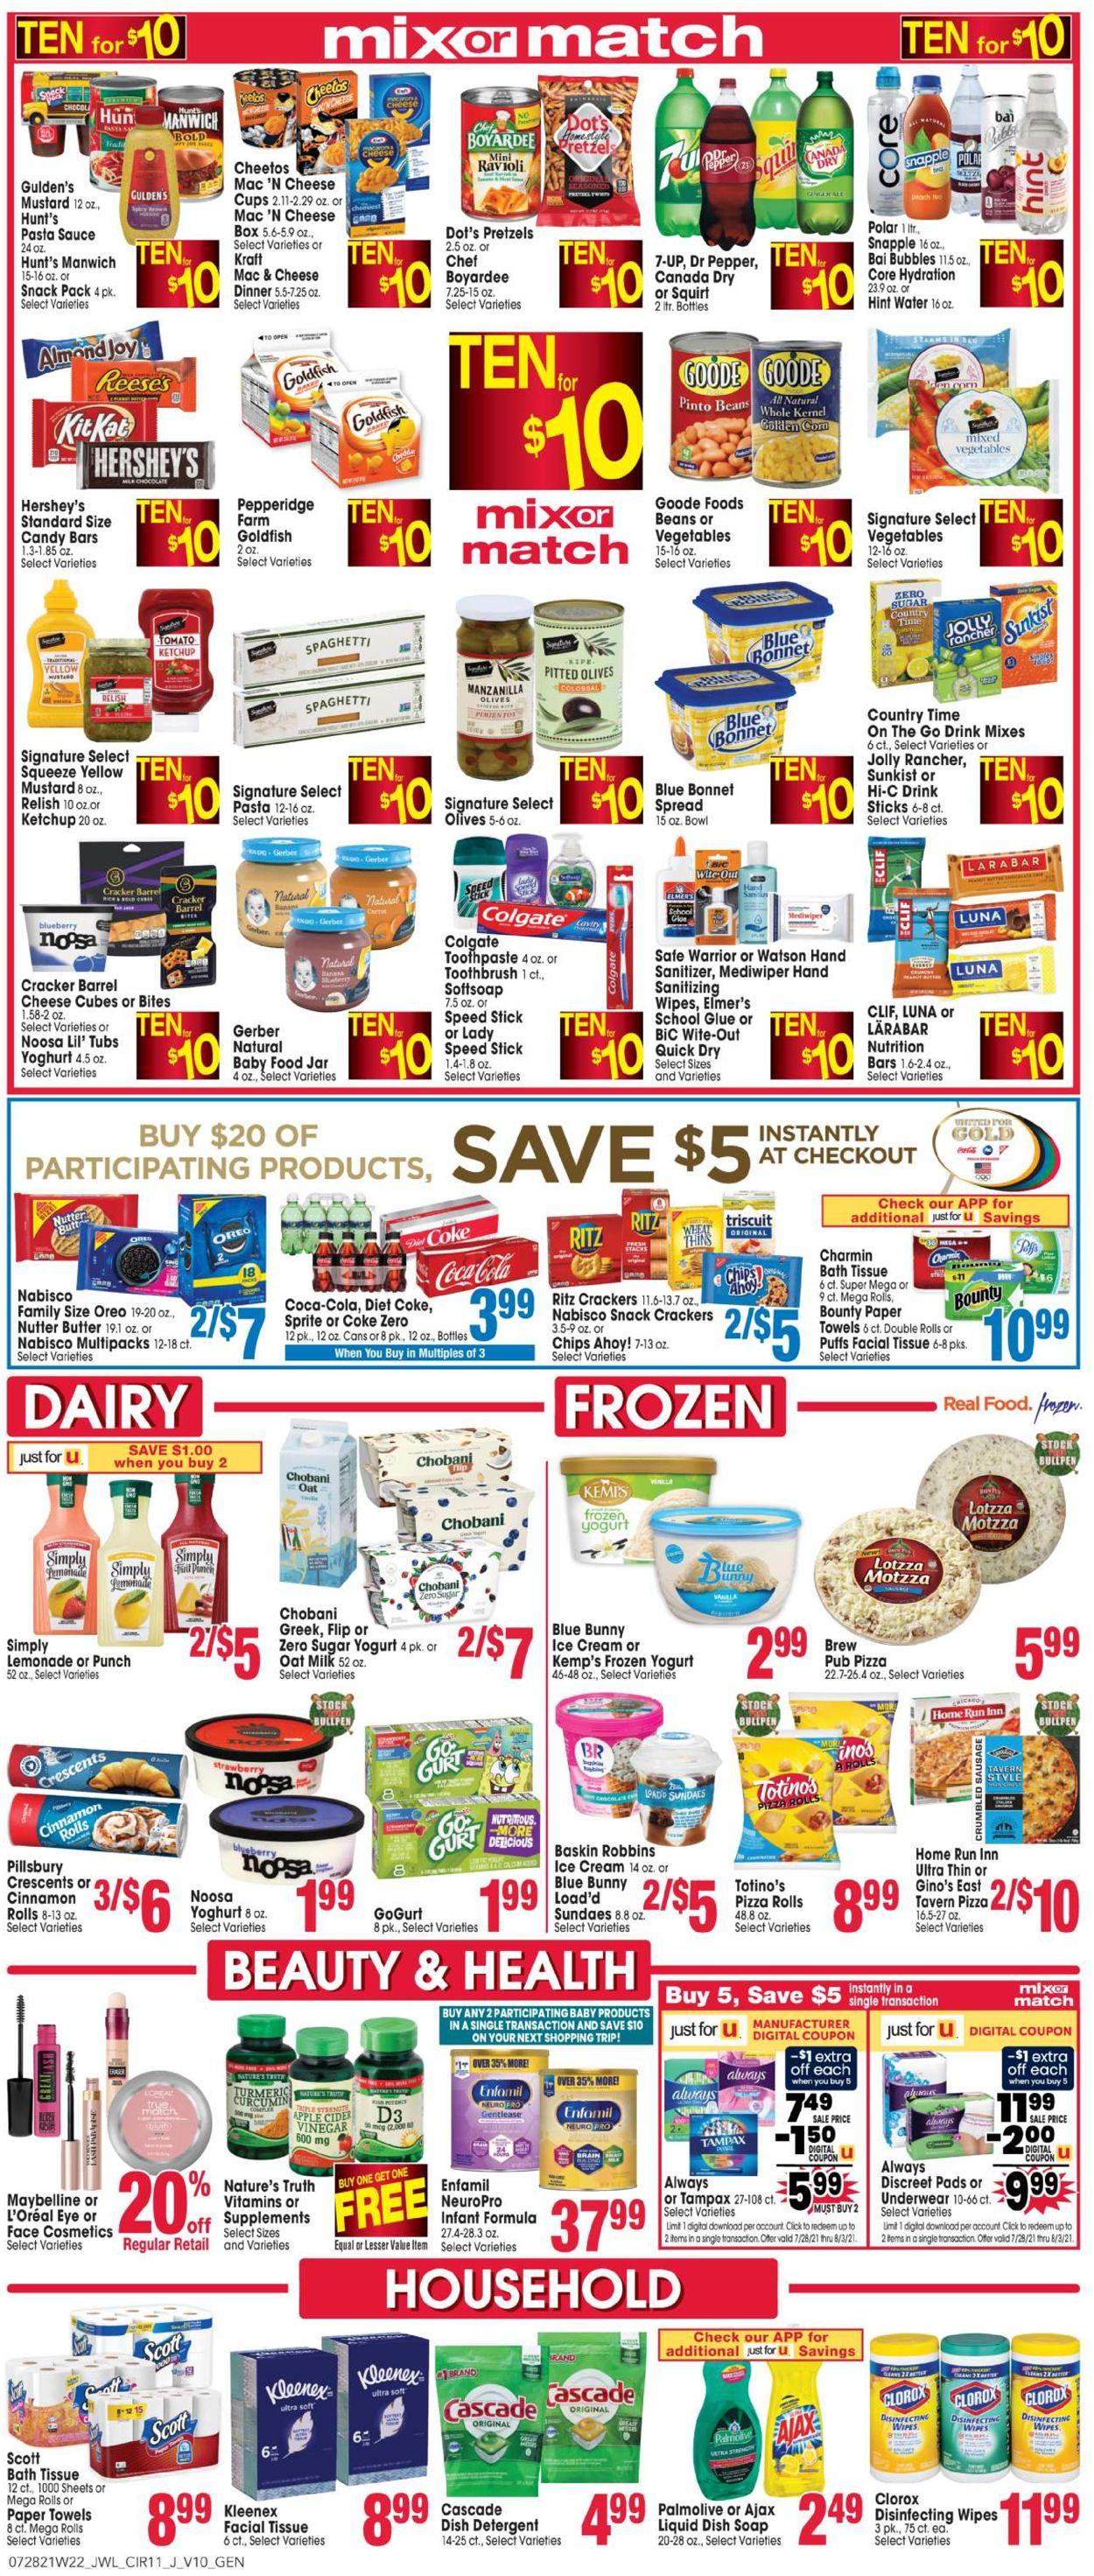 Jewel Osco Weekly Ad Circular - valid 07/28-08/03/2021 (Page 11)